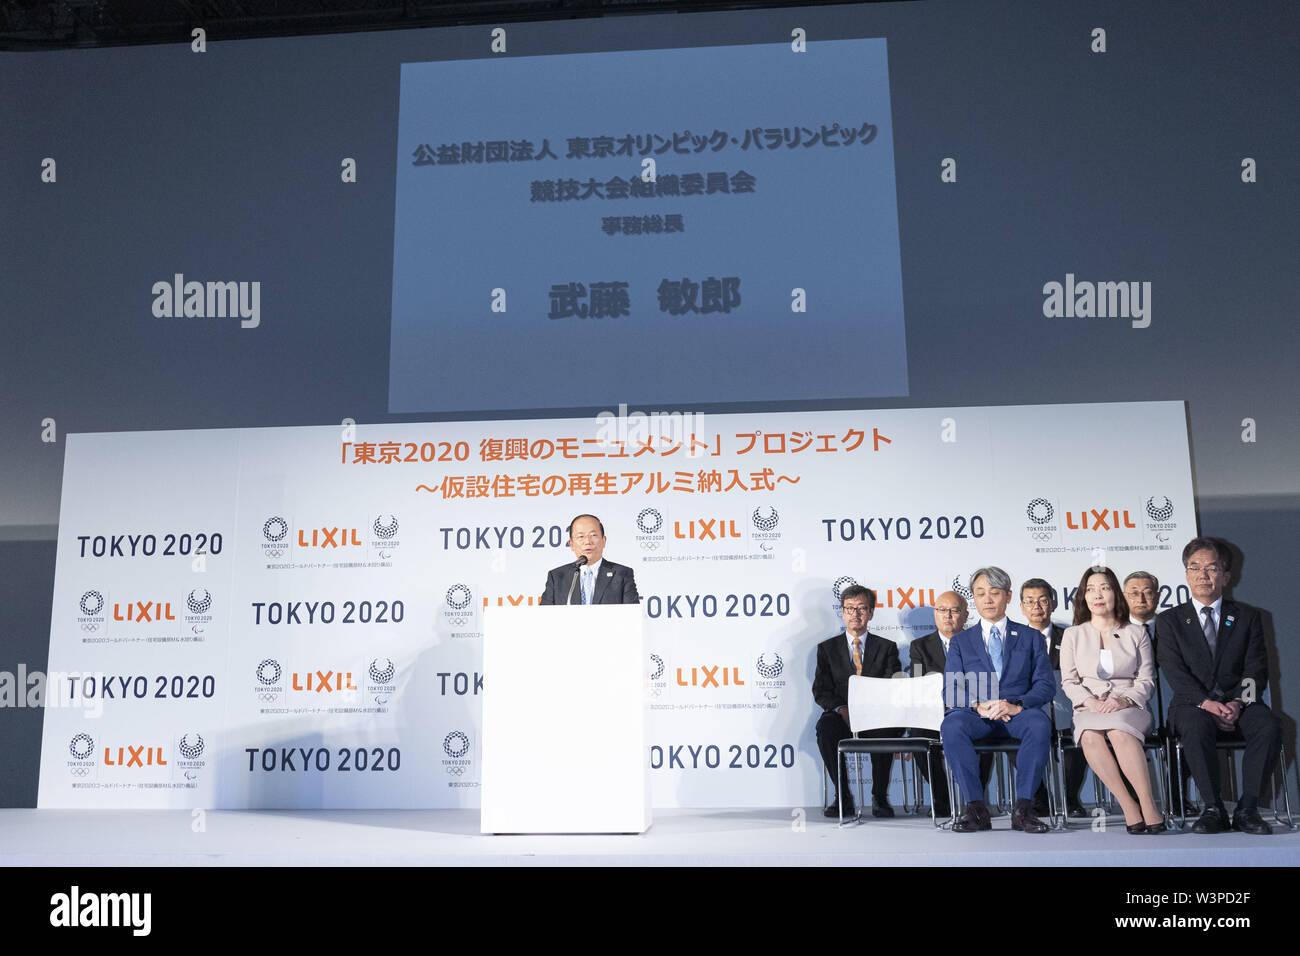 Japan Ga Stock Photos & Japan Ga Stock Images - Page 2 - Alamy